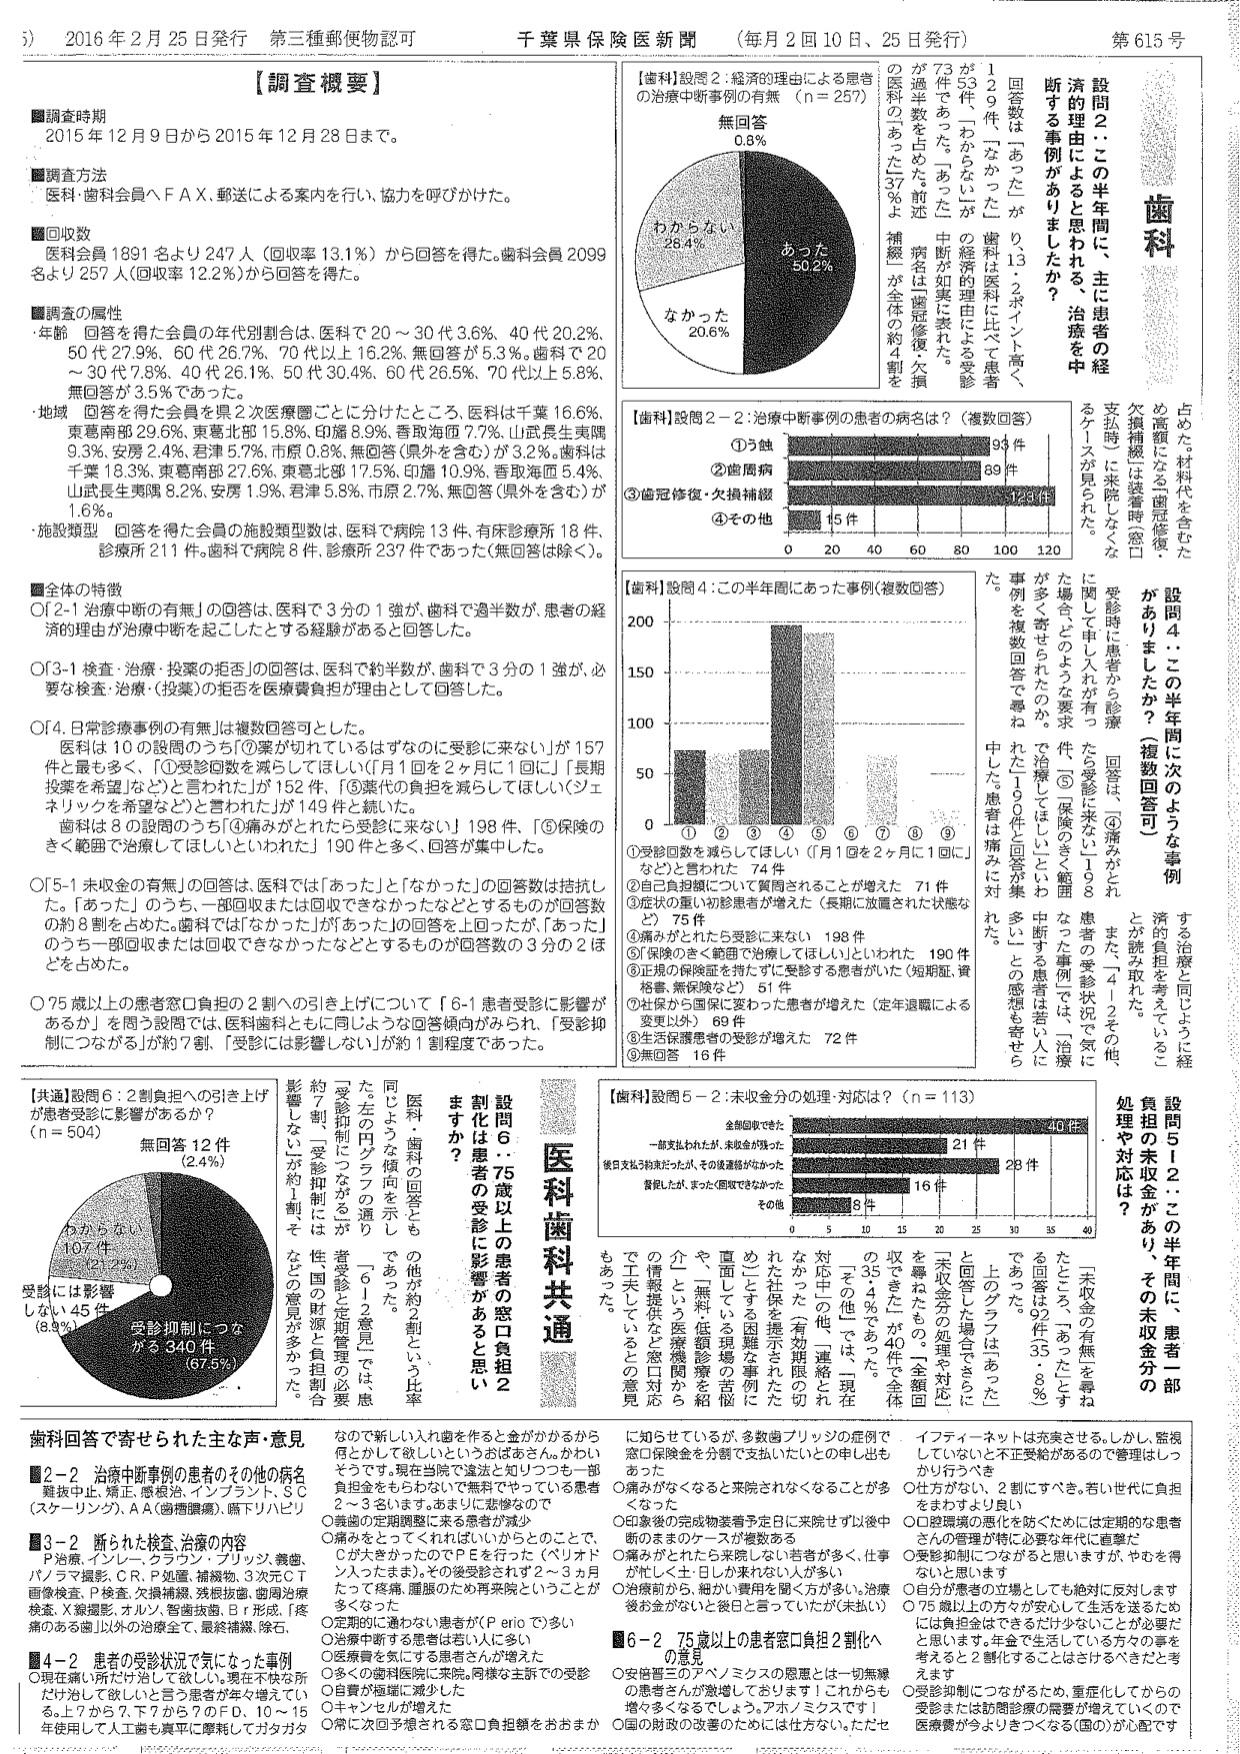 %e5%8d%83%e8%91%89%e7%9c%8c%e4%bf%9d%e9%99%ba%e5%8c%bb%e6%96%b0%e8%81%9e%e8%a8%98%e4%ba%8b%ef%bc%88%e5%8f%97%e8%a8%ba%e5%ae%9f%e6%85%8b%e8%aa%bf%e6%9f%bb%e7%b5%90%e6%9e%9c%ef%bc%89-2